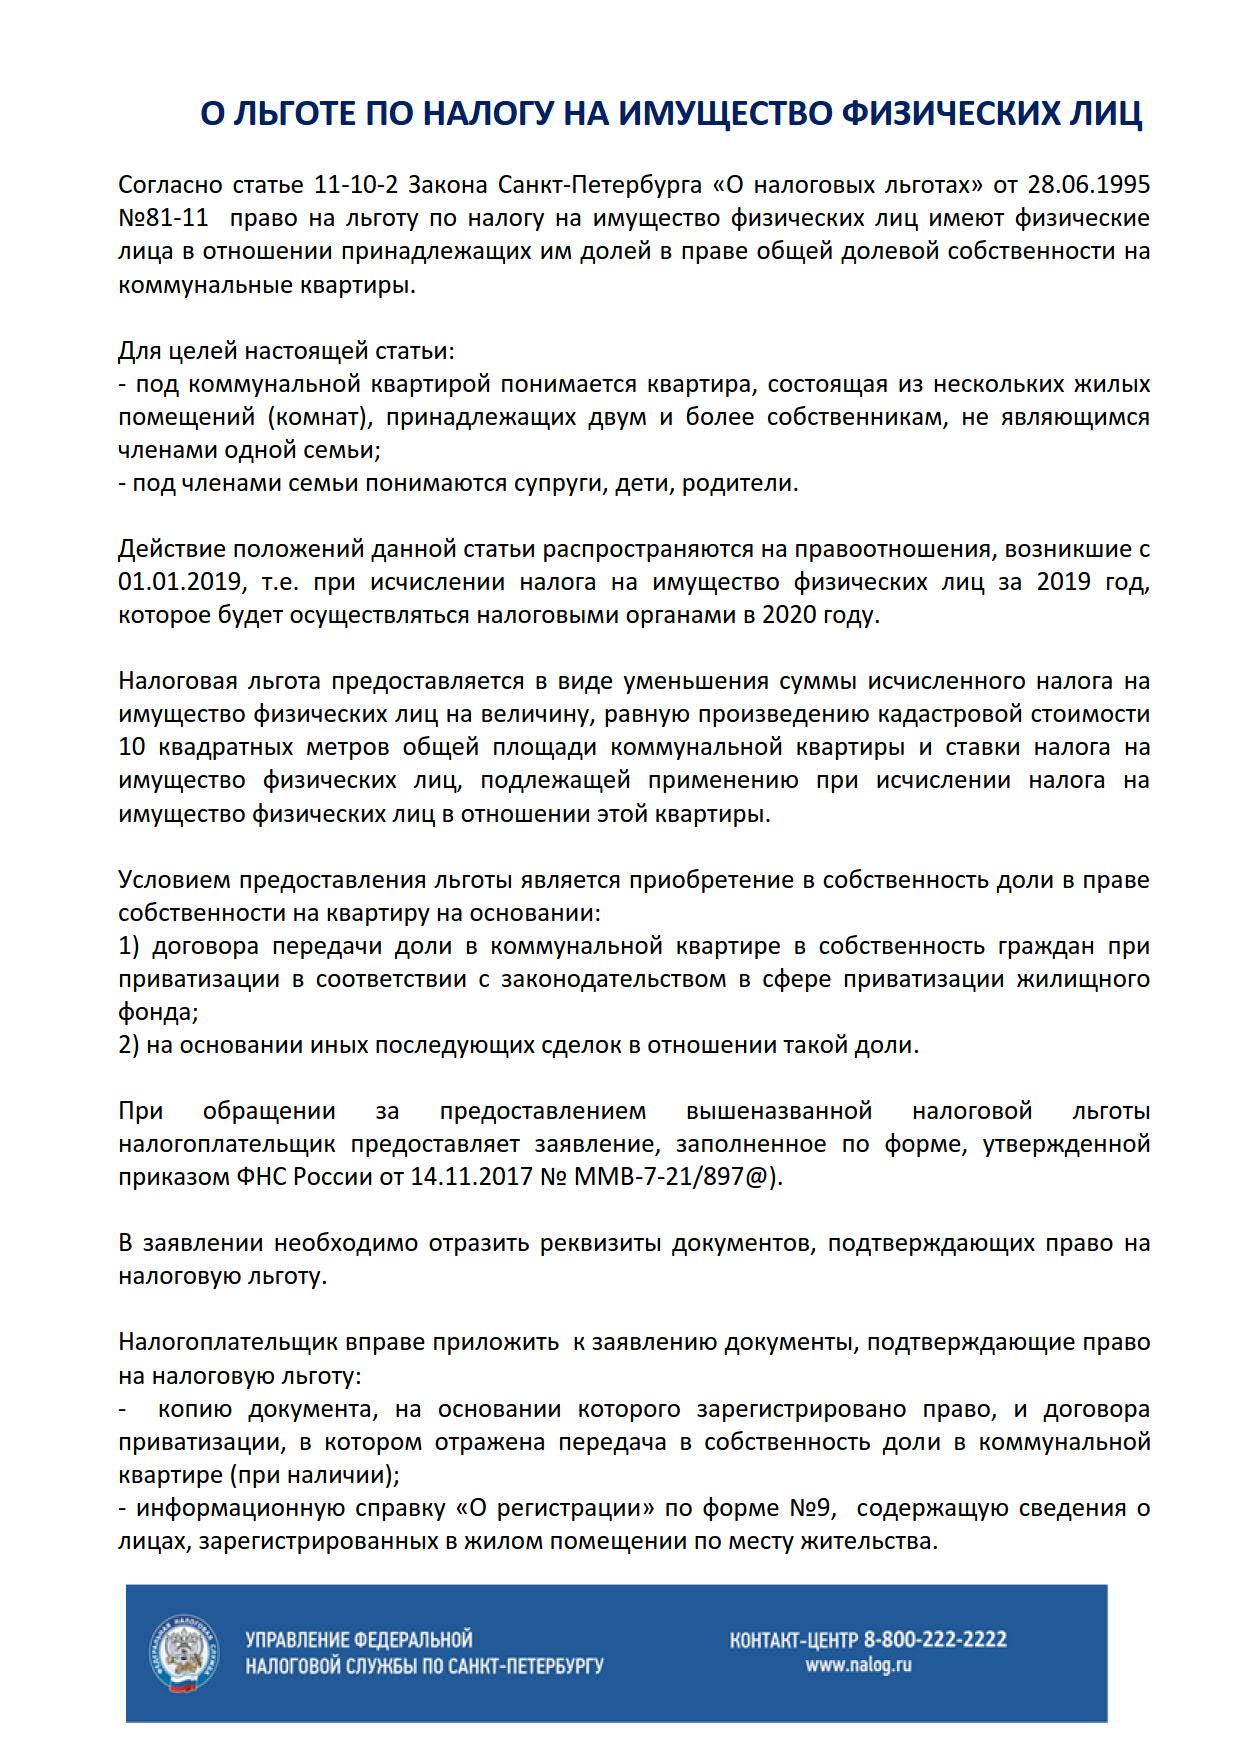 42_Льготы ФЛ 2020_1